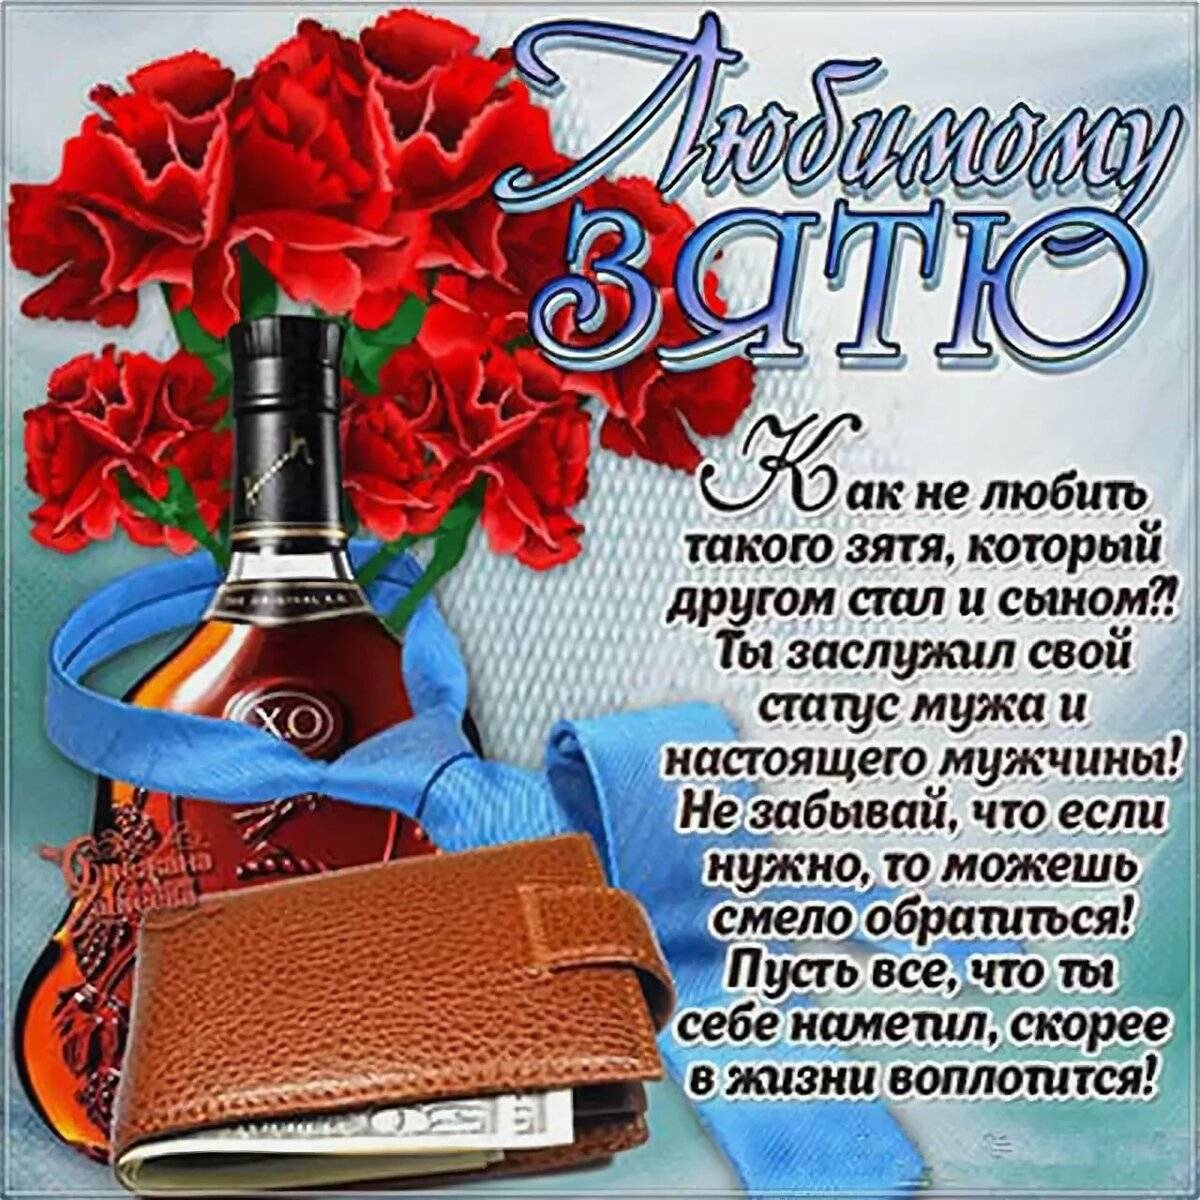 Поздравления теще с днем рождения от зятя